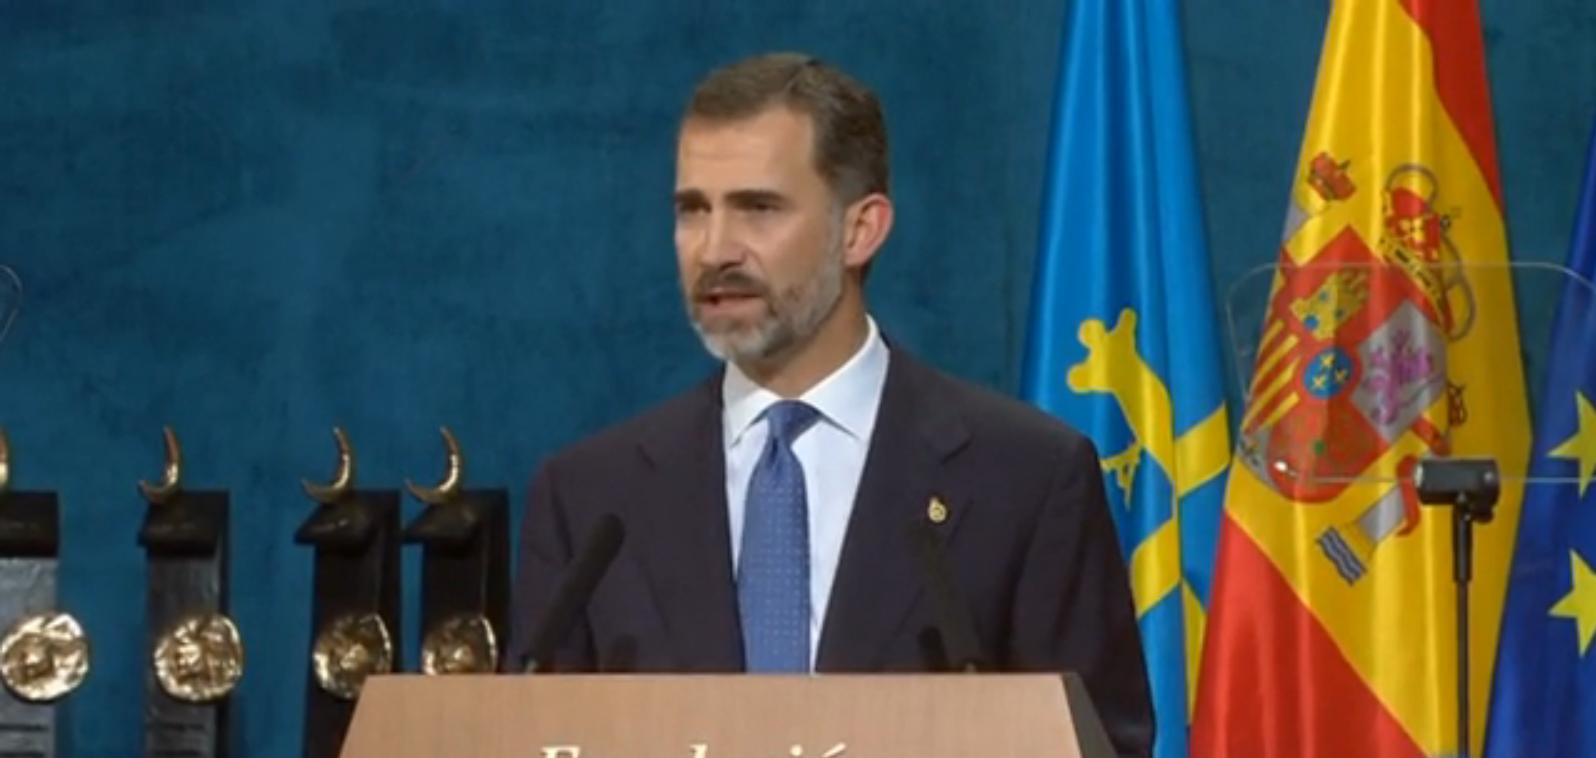 """Felipe VI  advierte a Artur Mas de que: """"Todos los ciudadanos e instituciones estamos sometidos  por igual al mandato de la ley"""""""